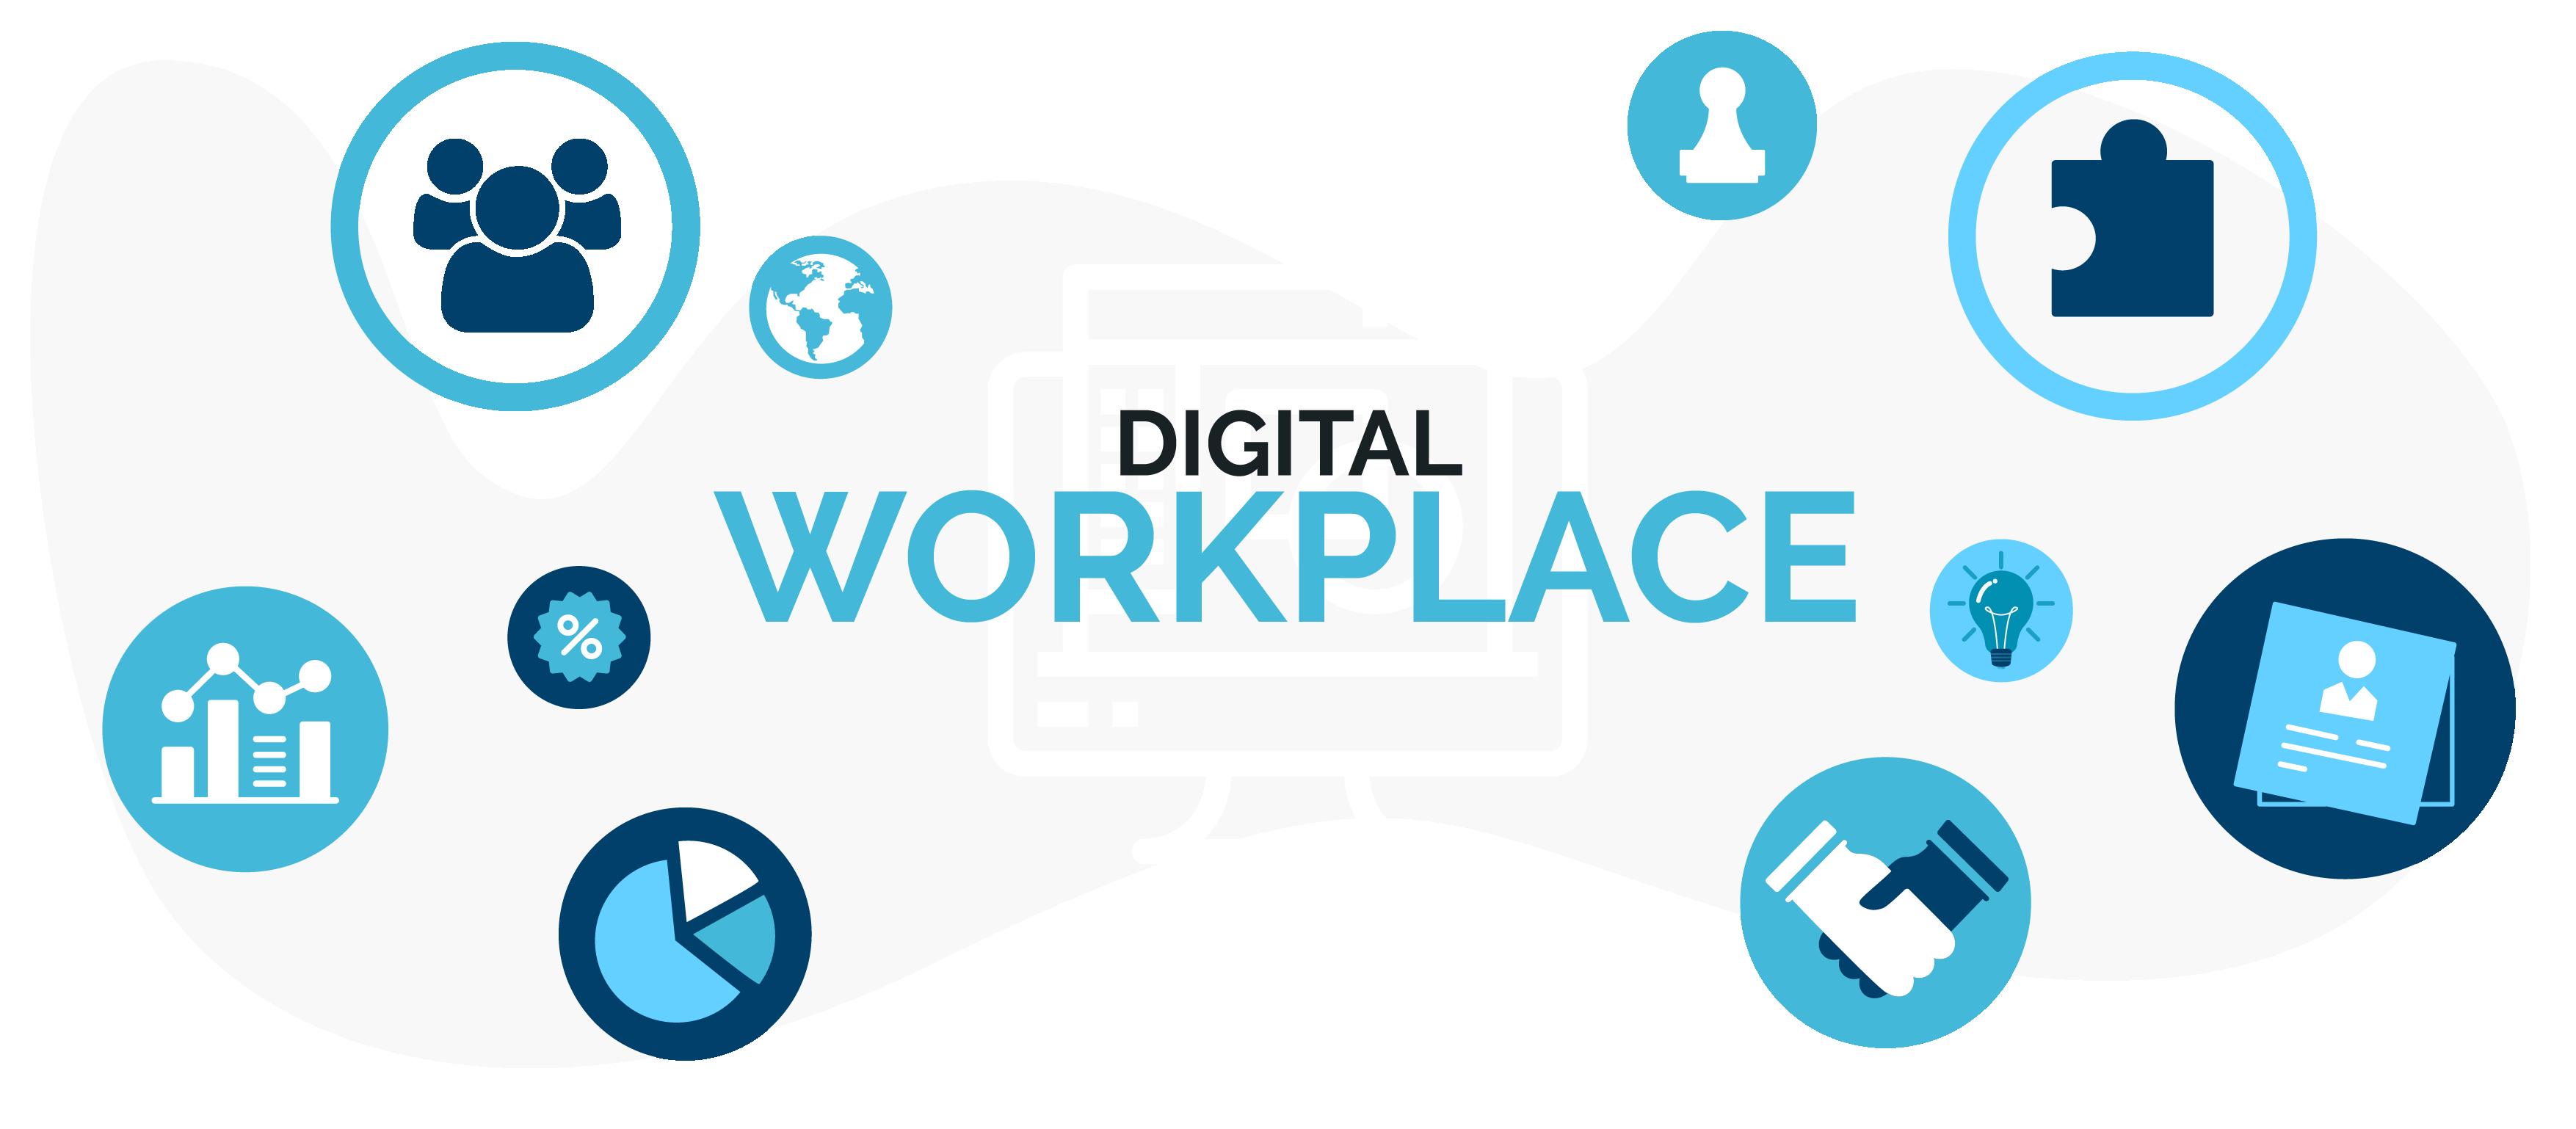 Latin Pyme | Las nuevas tendencias en digital workplace según Xertica